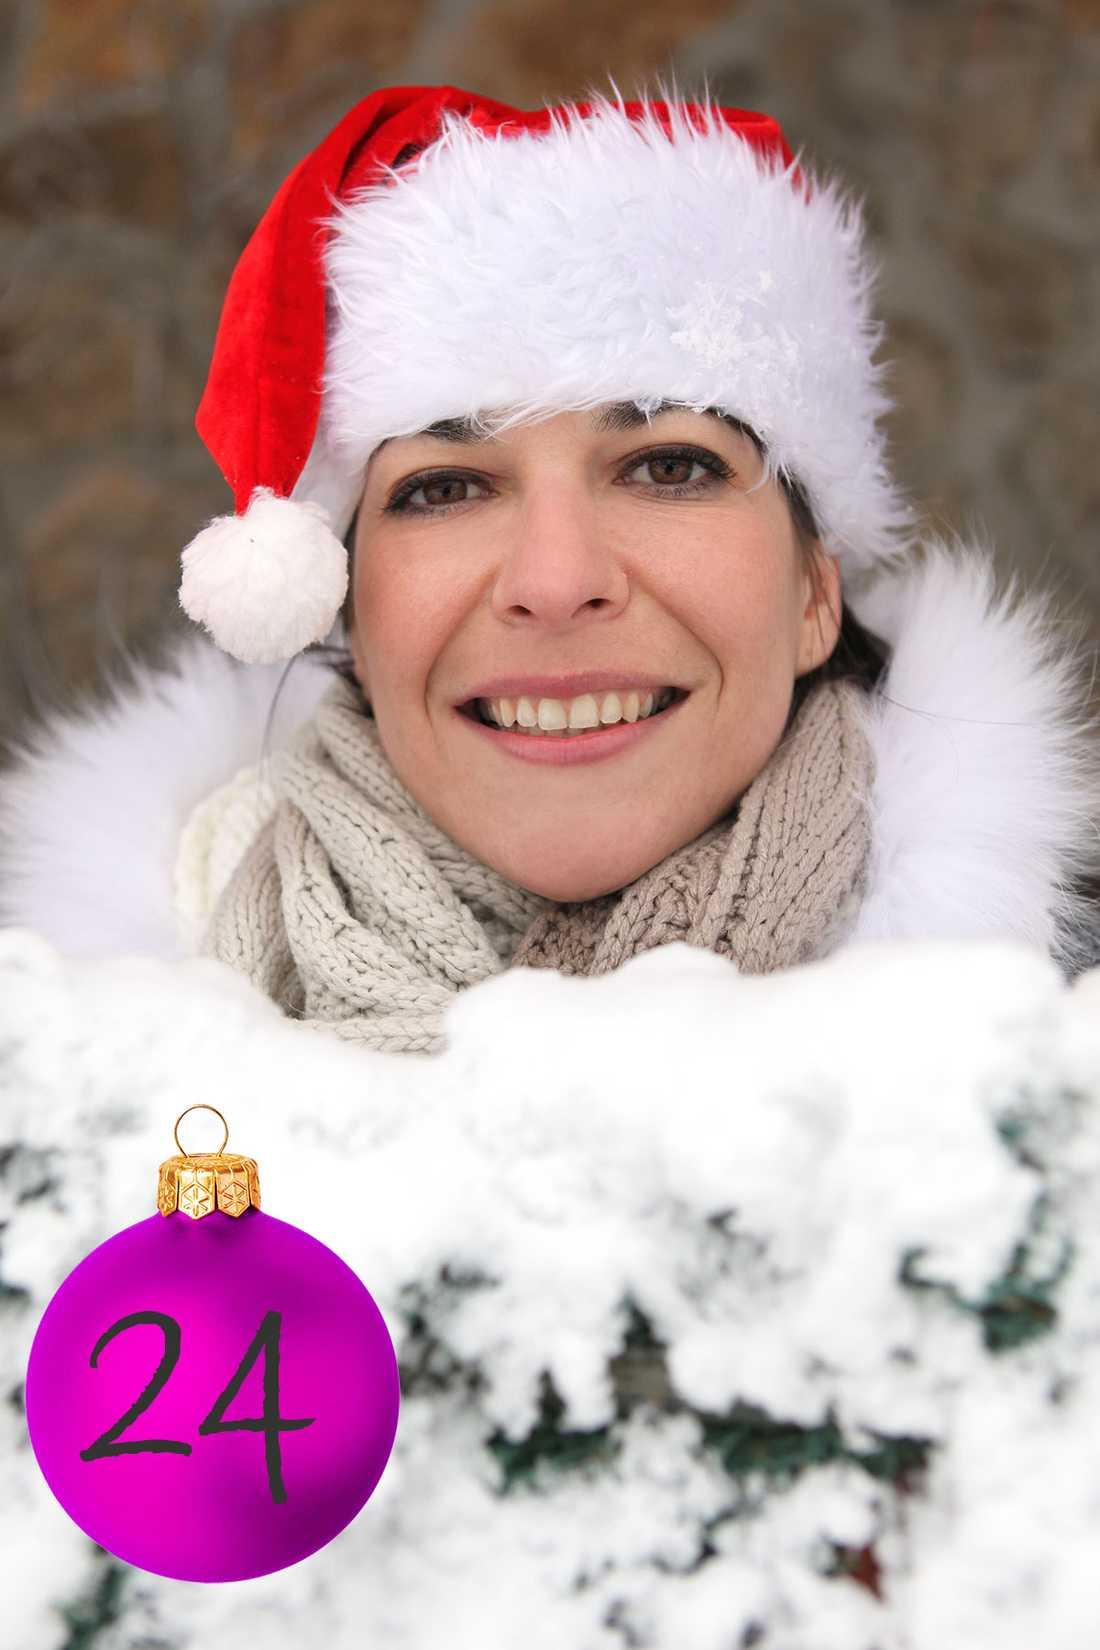 Marias tips: Låt morfar ta disken i år God jul! Låt mormor leva ut sina queera drömmar i tomtekostymen, sätt morfar på disken och ha en alldeles underbar tindrande afton utan vare sig krossade familjer eller julgranskulor.